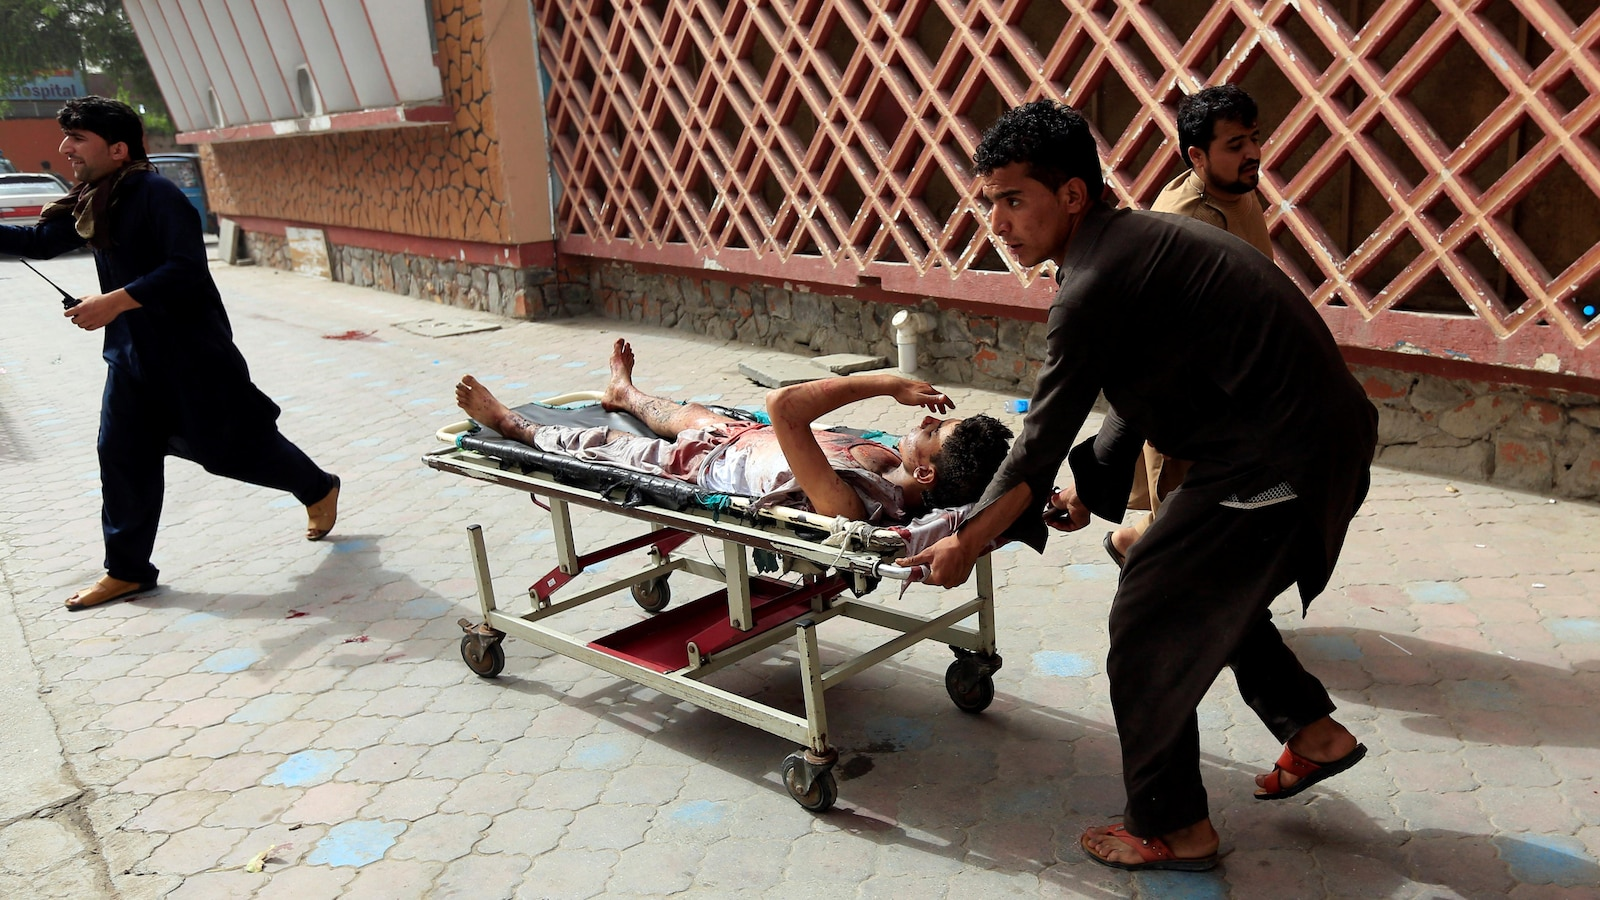 Un homme transporté sur un brancard.